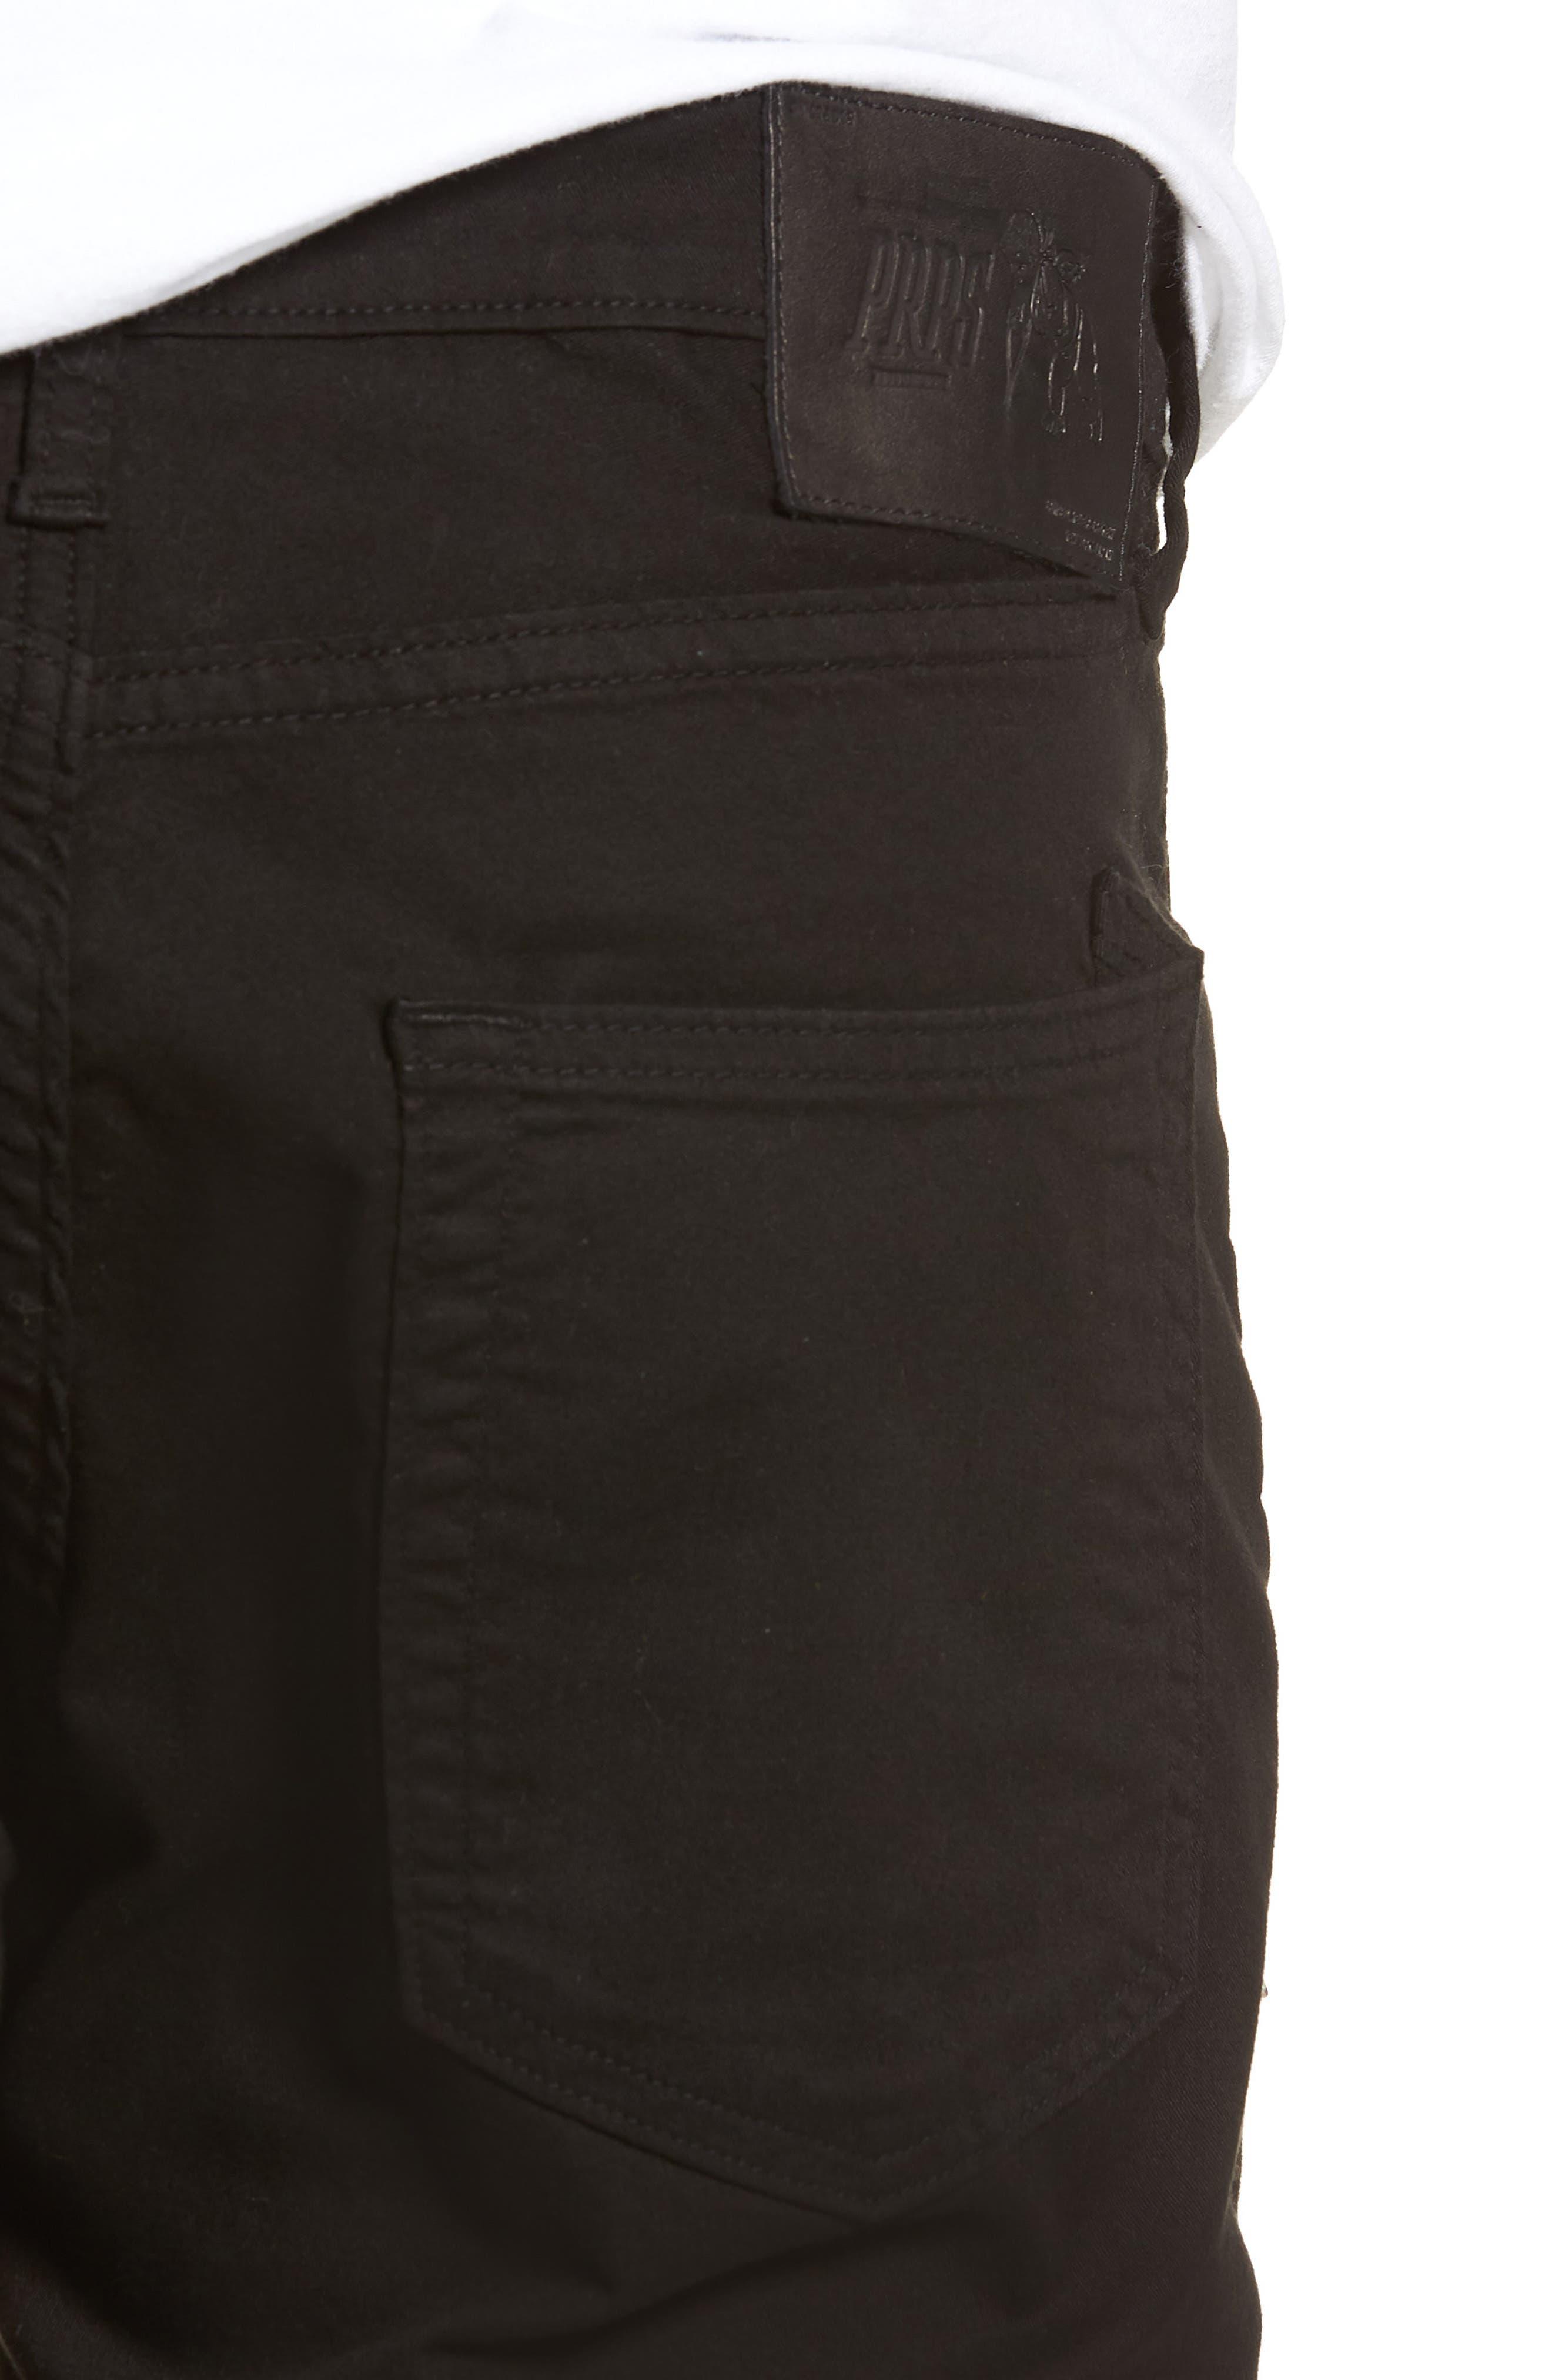 Le Sabre Slim Fit Jeans,                             Alternate thumbnail 4, color,                             BLACK